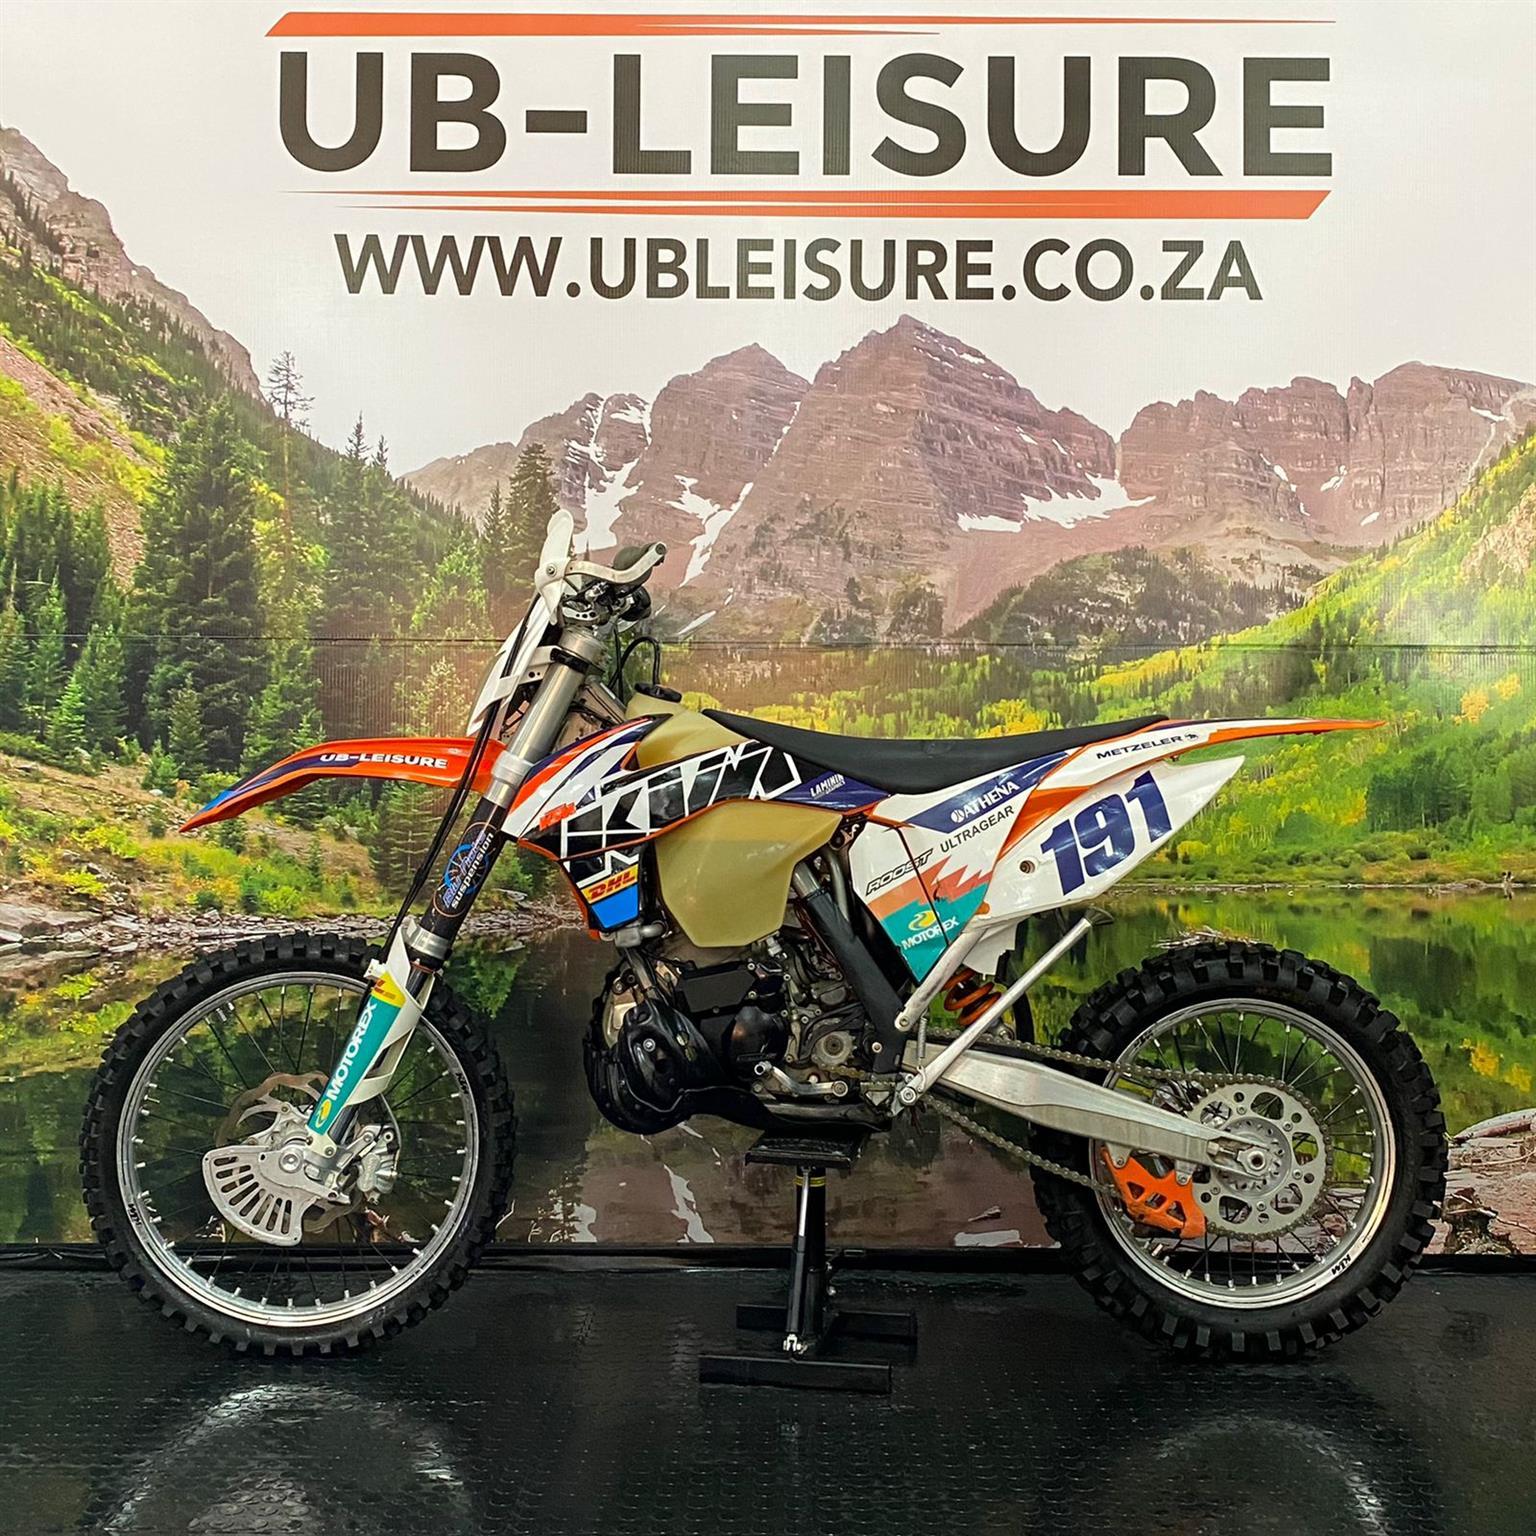 2014 KTM 200 | UB LEISURE